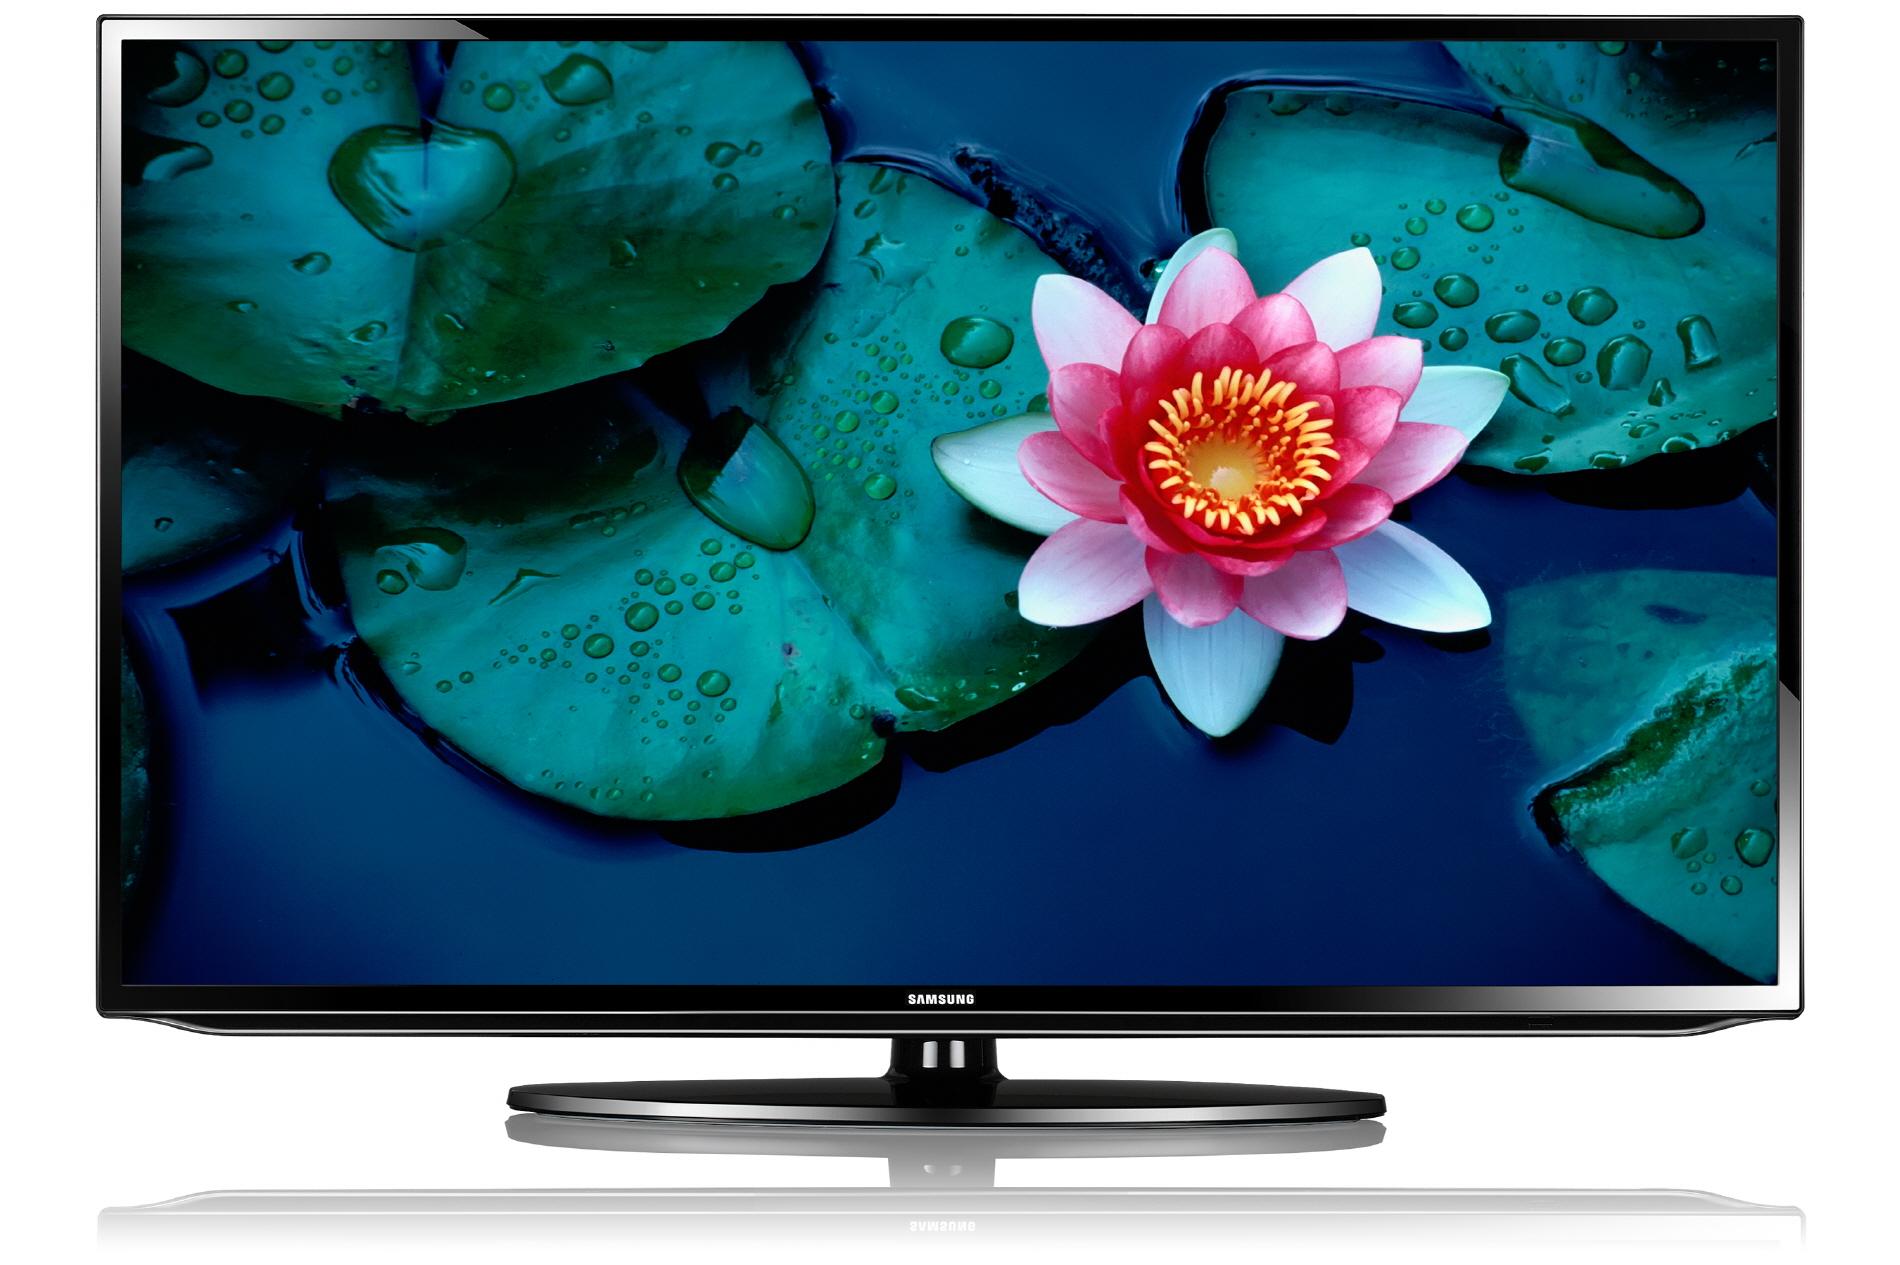 삼성TV UE40EH5000 제품이미지